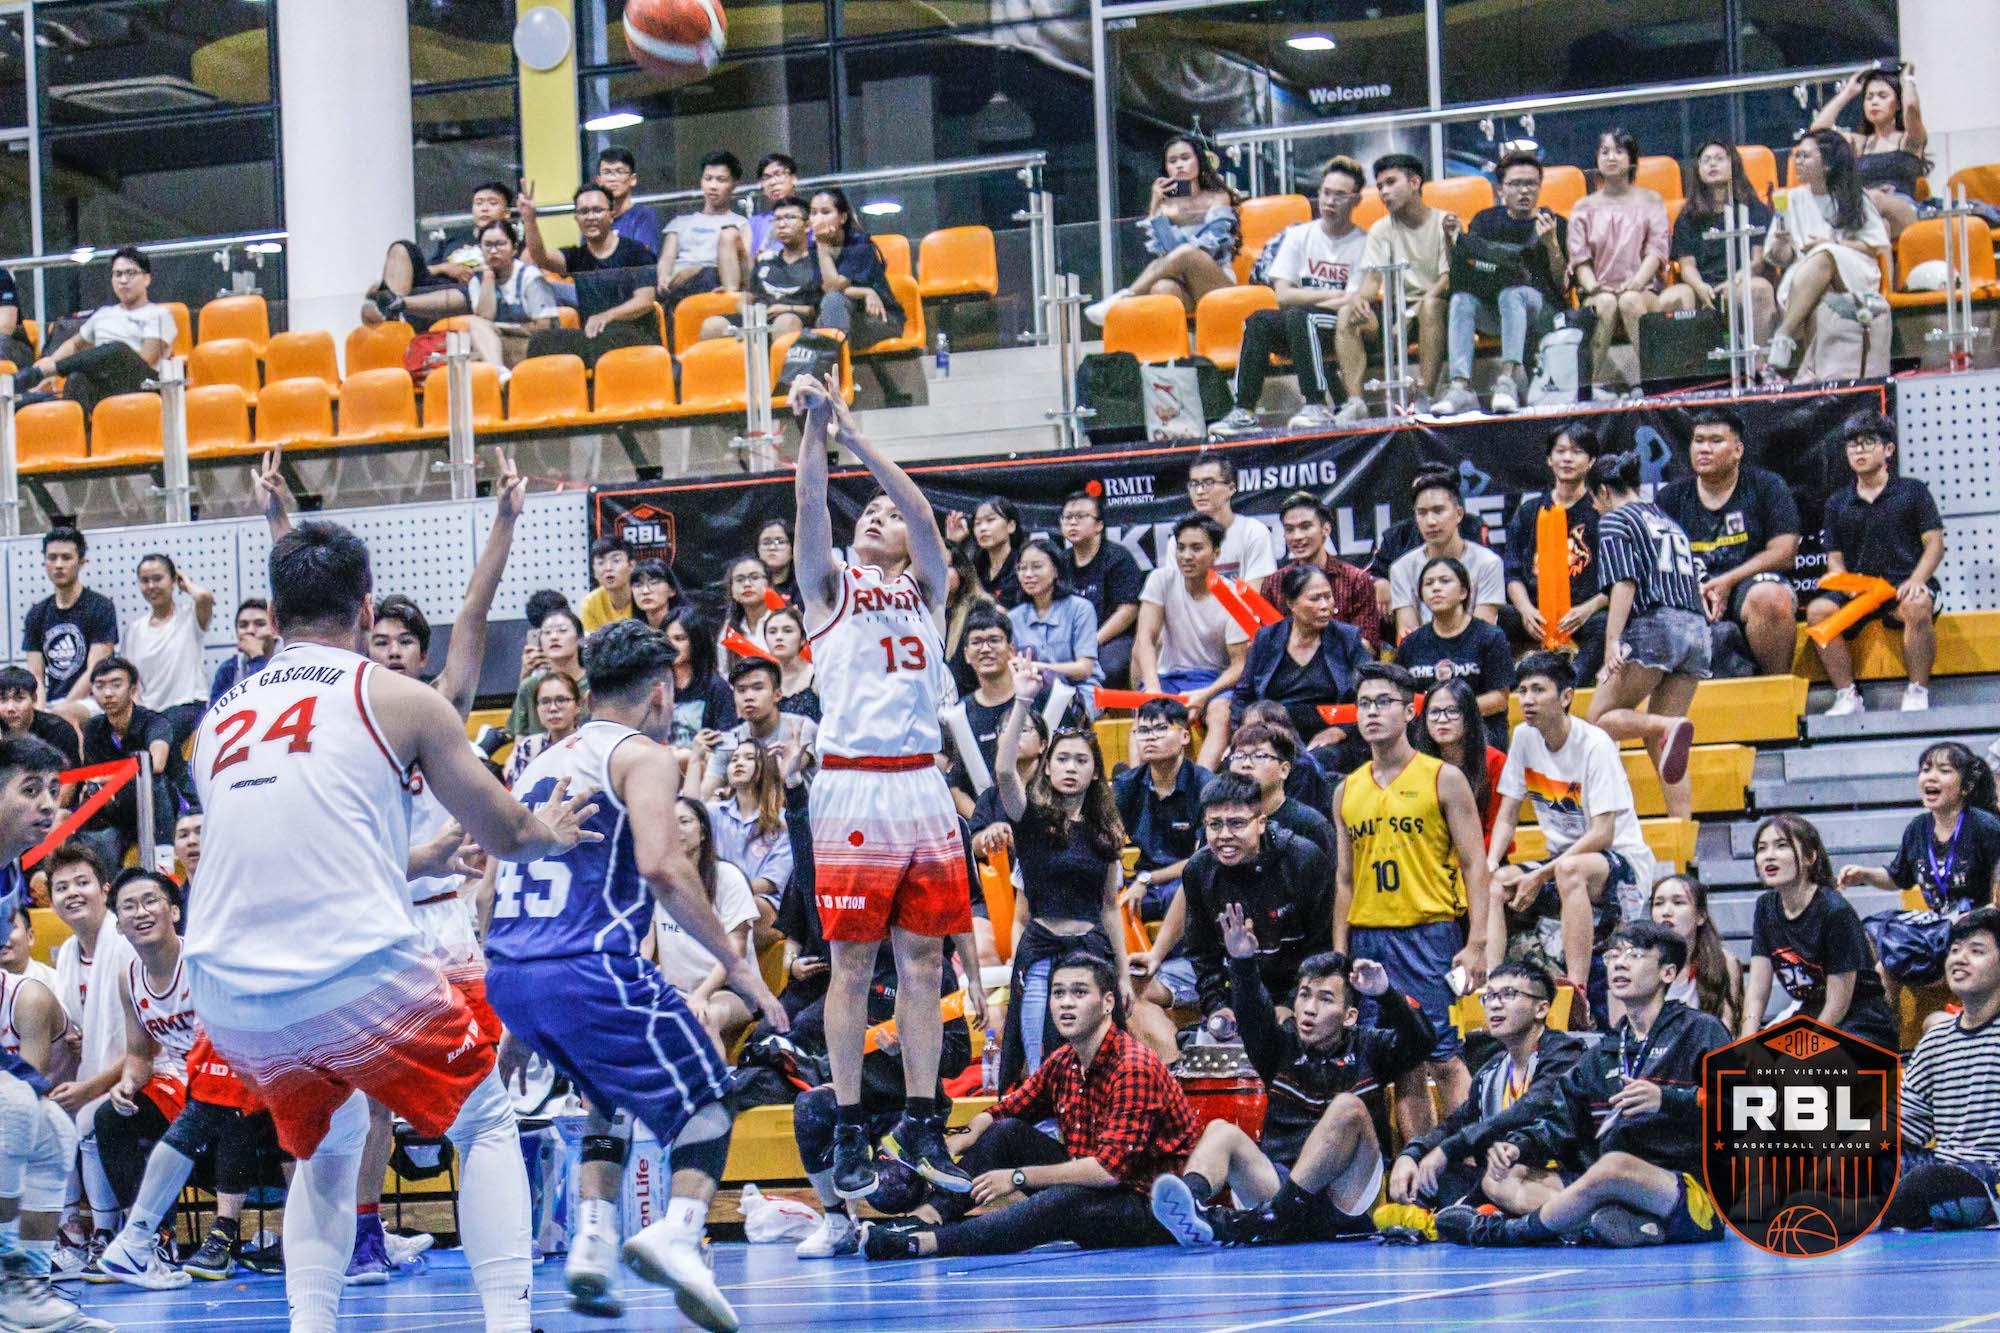 Đội chủ nhà RMIT thắng đậm tại lễ khai mạc giải bóng rổ truyền thống hàng năm - Ảnh 7.